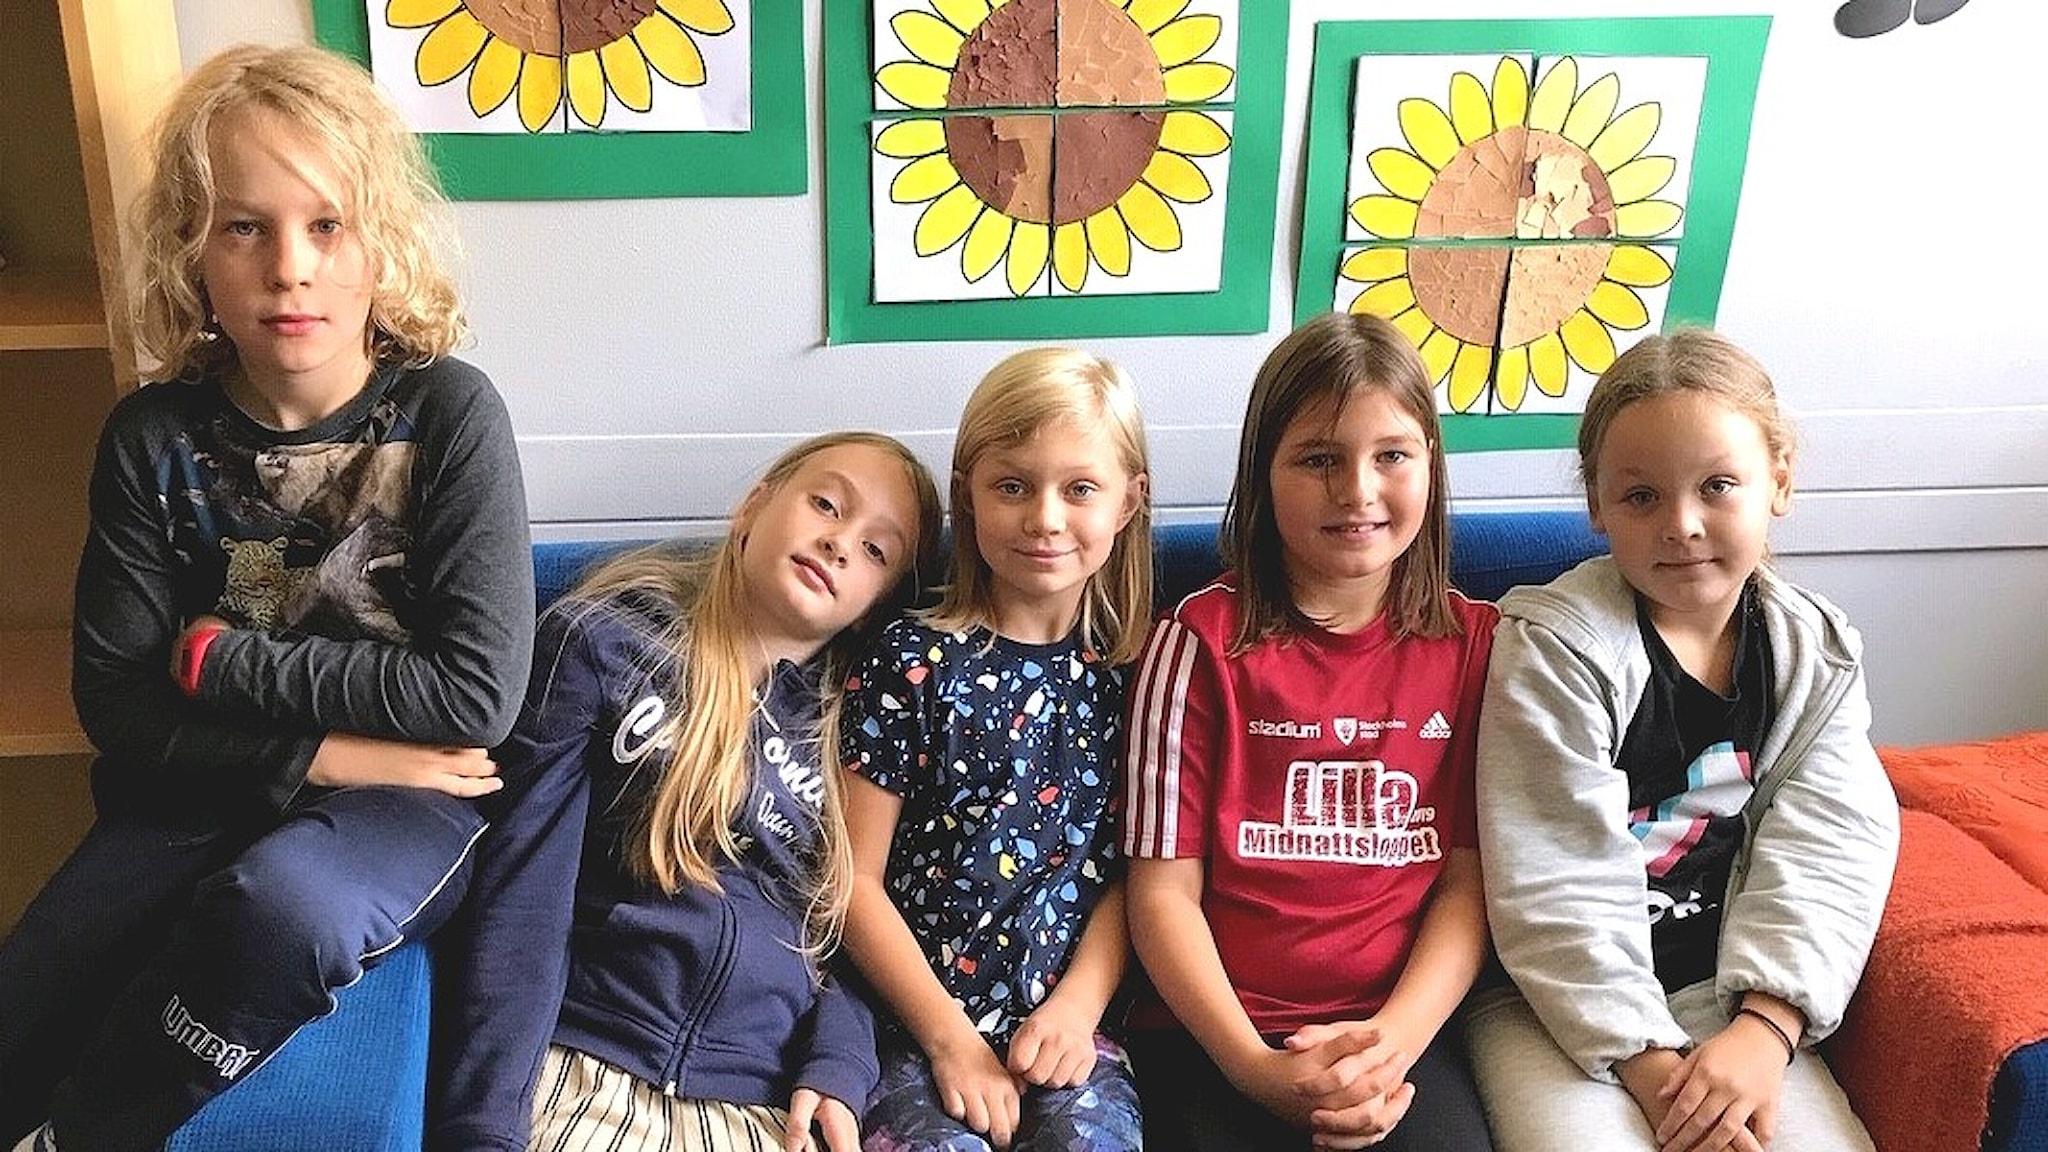 Viisi lasta istuvat rivissä sohvalla